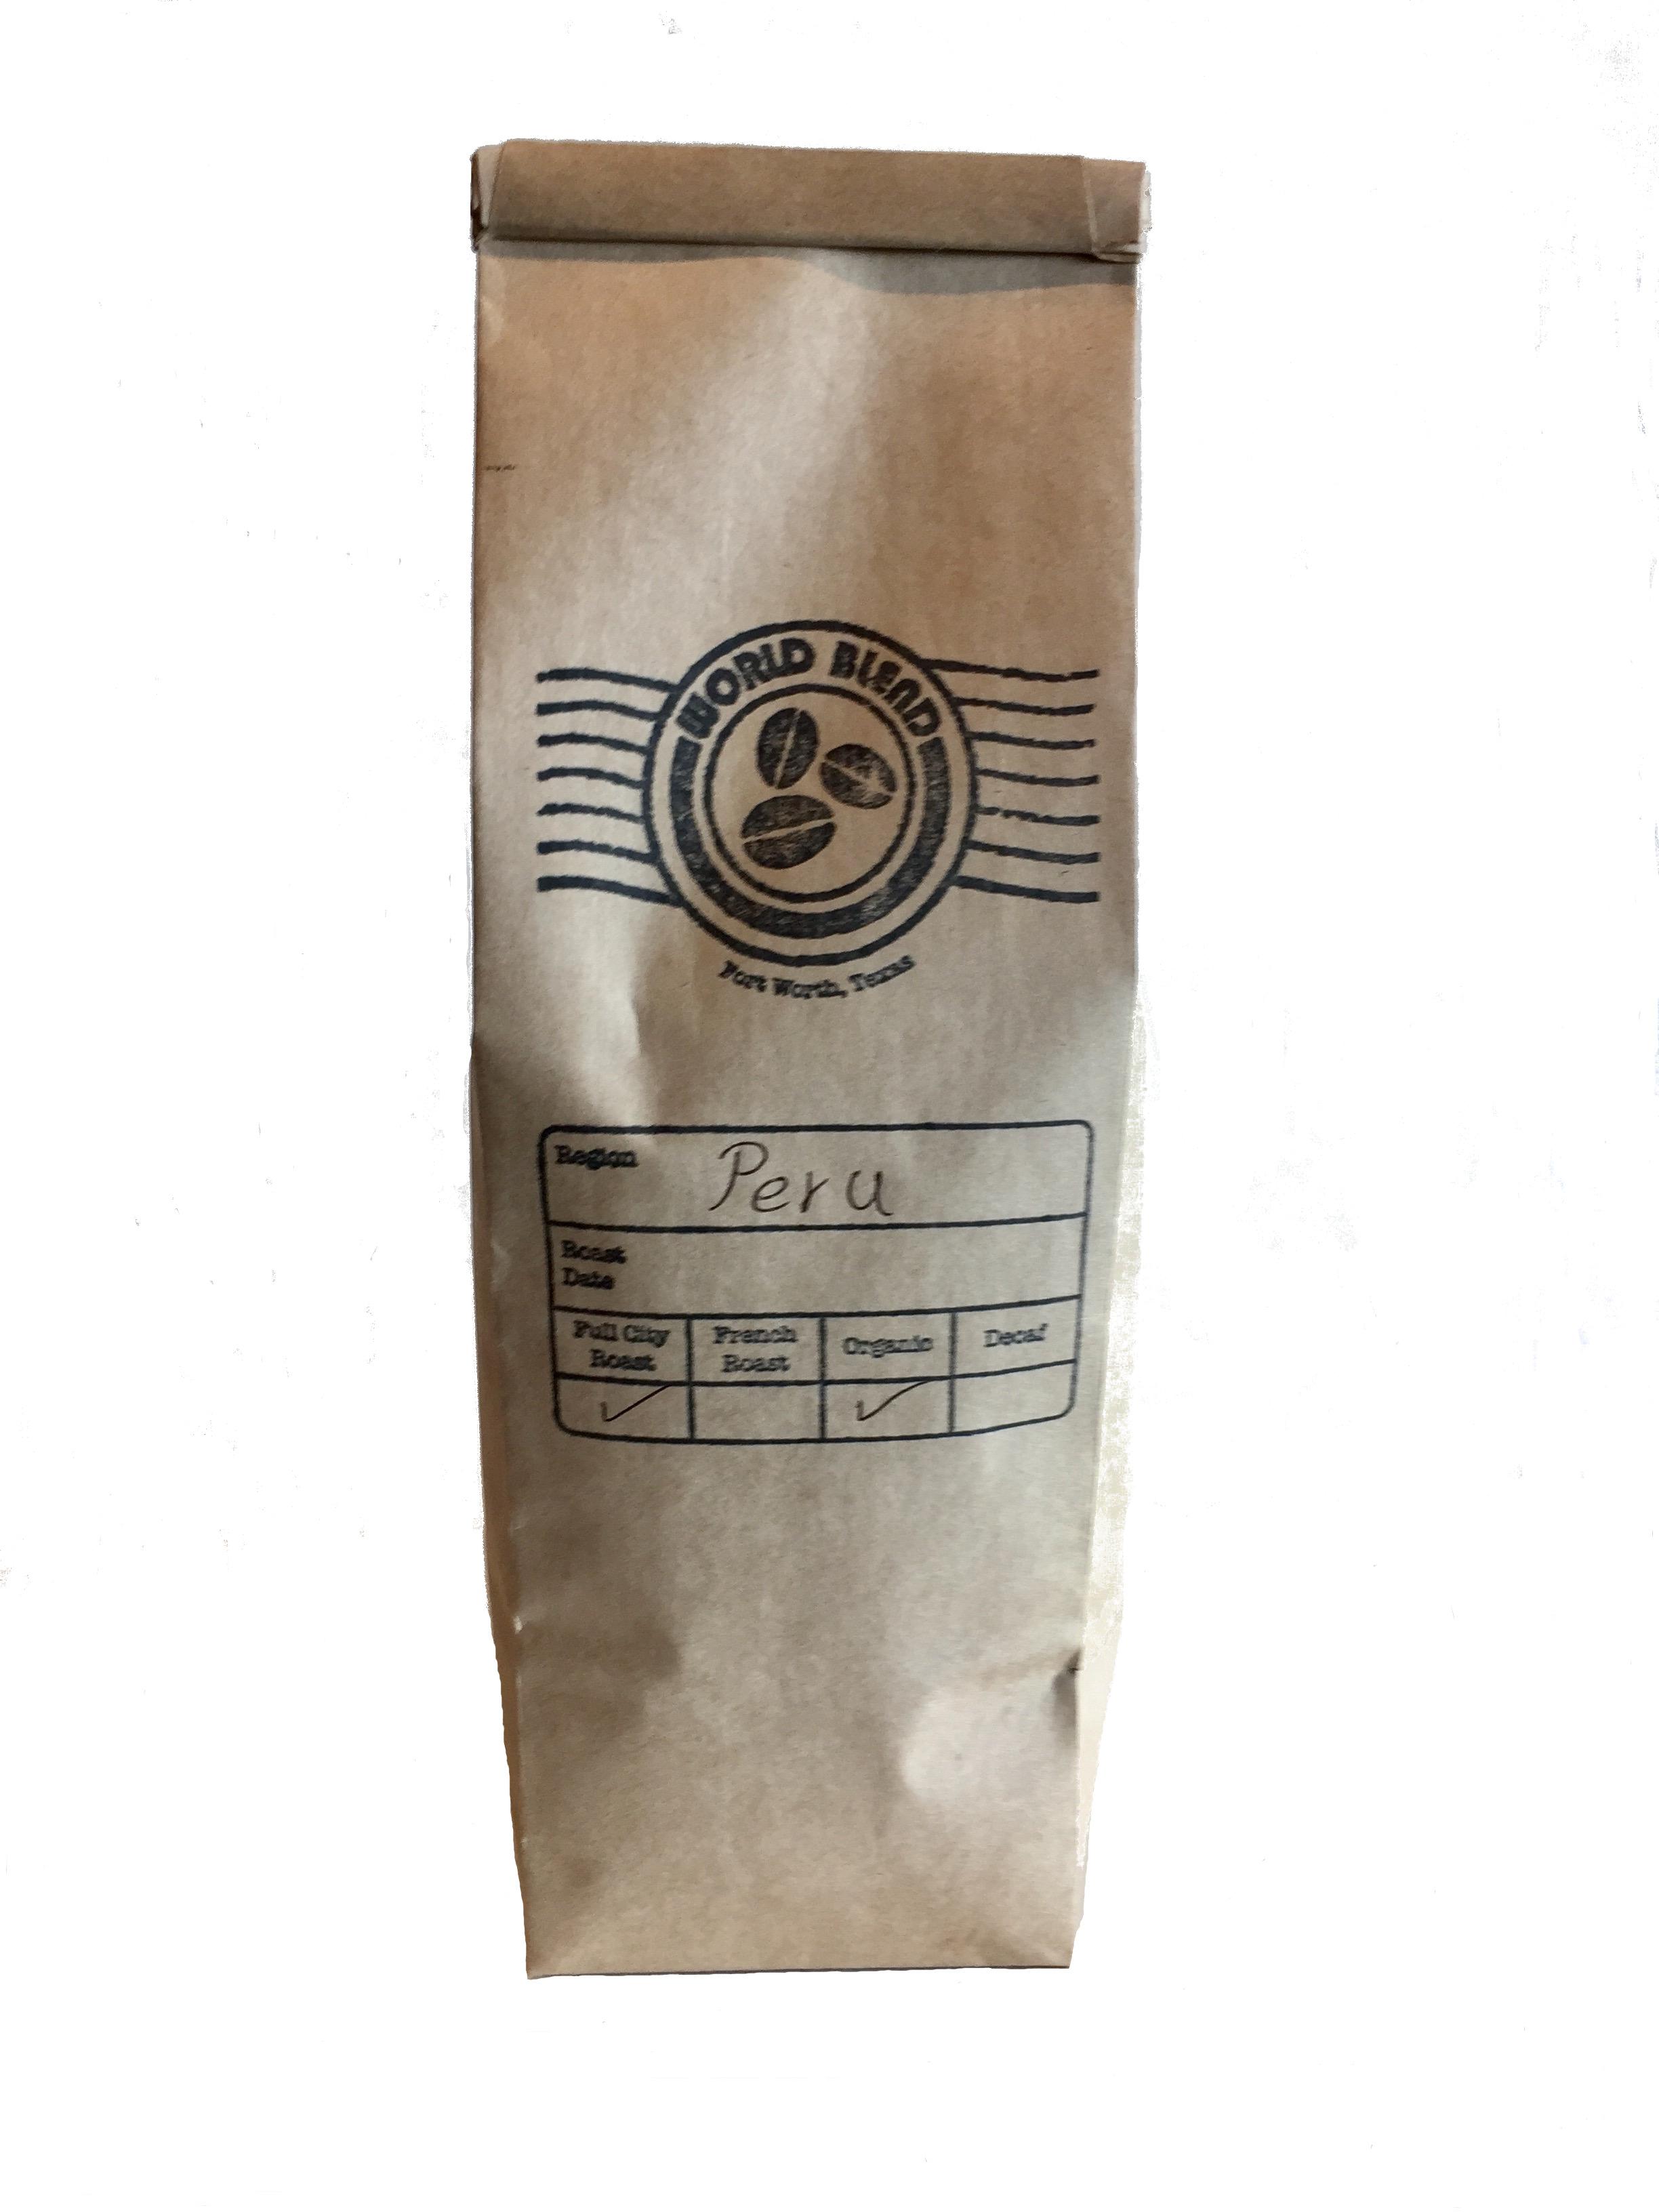 Organic Coffee from Peru!